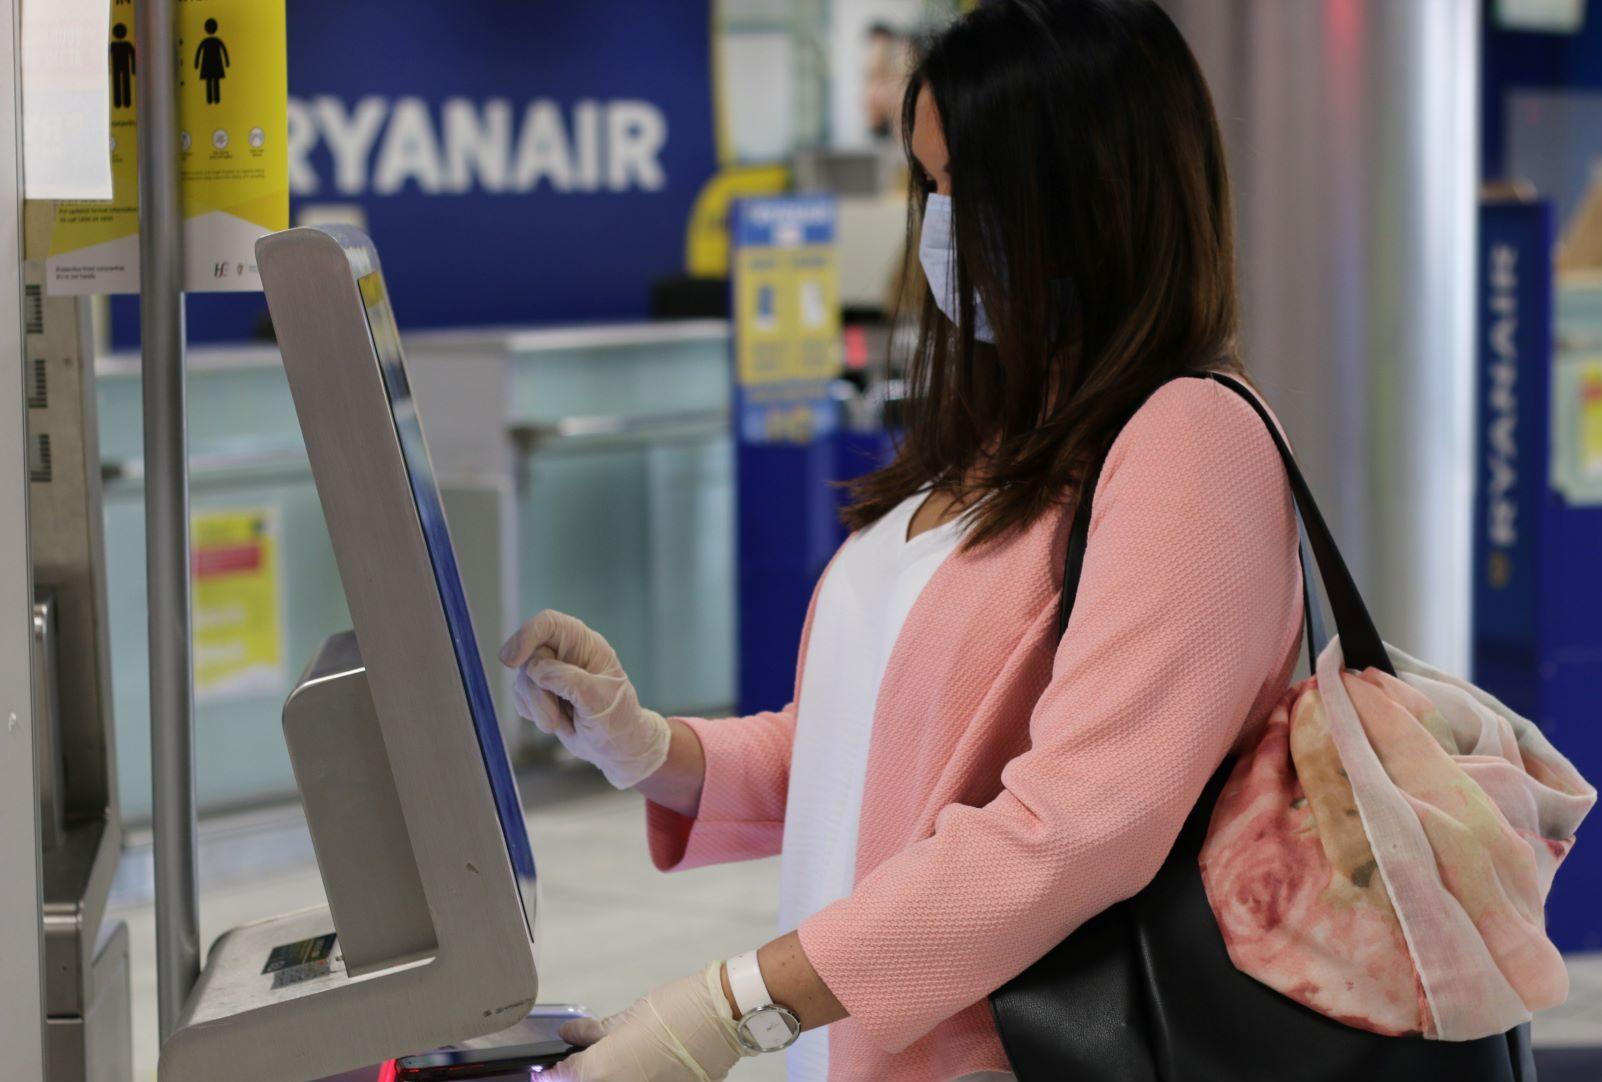 Ryanair afviser flybilletter og boardingkort udstedt af den tjekkiske søgemaskiner Kiwi.com. Arkivpressefoto fra Ryanair.